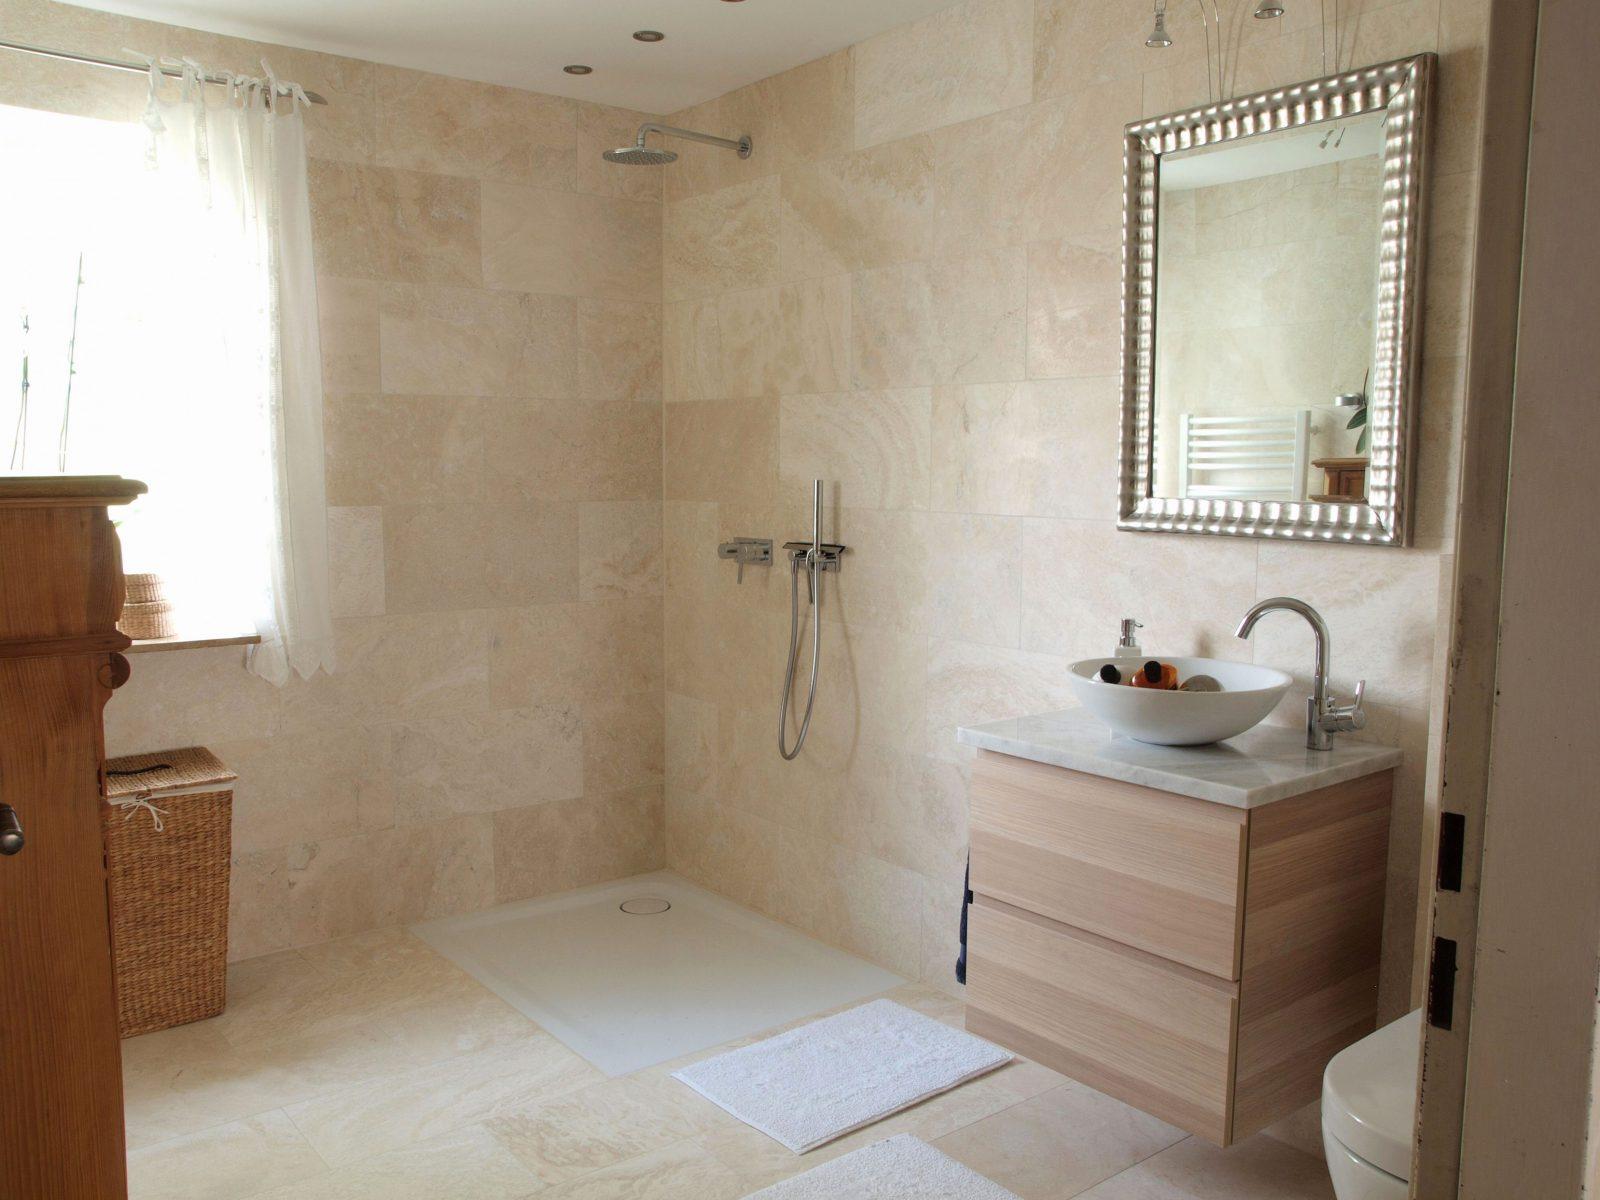 Kleines Bad Fliesen Ideen Neu Ein Zauberhaftes Duschbad Das von Kleines Badezimmer Fliesen Ideen Photo